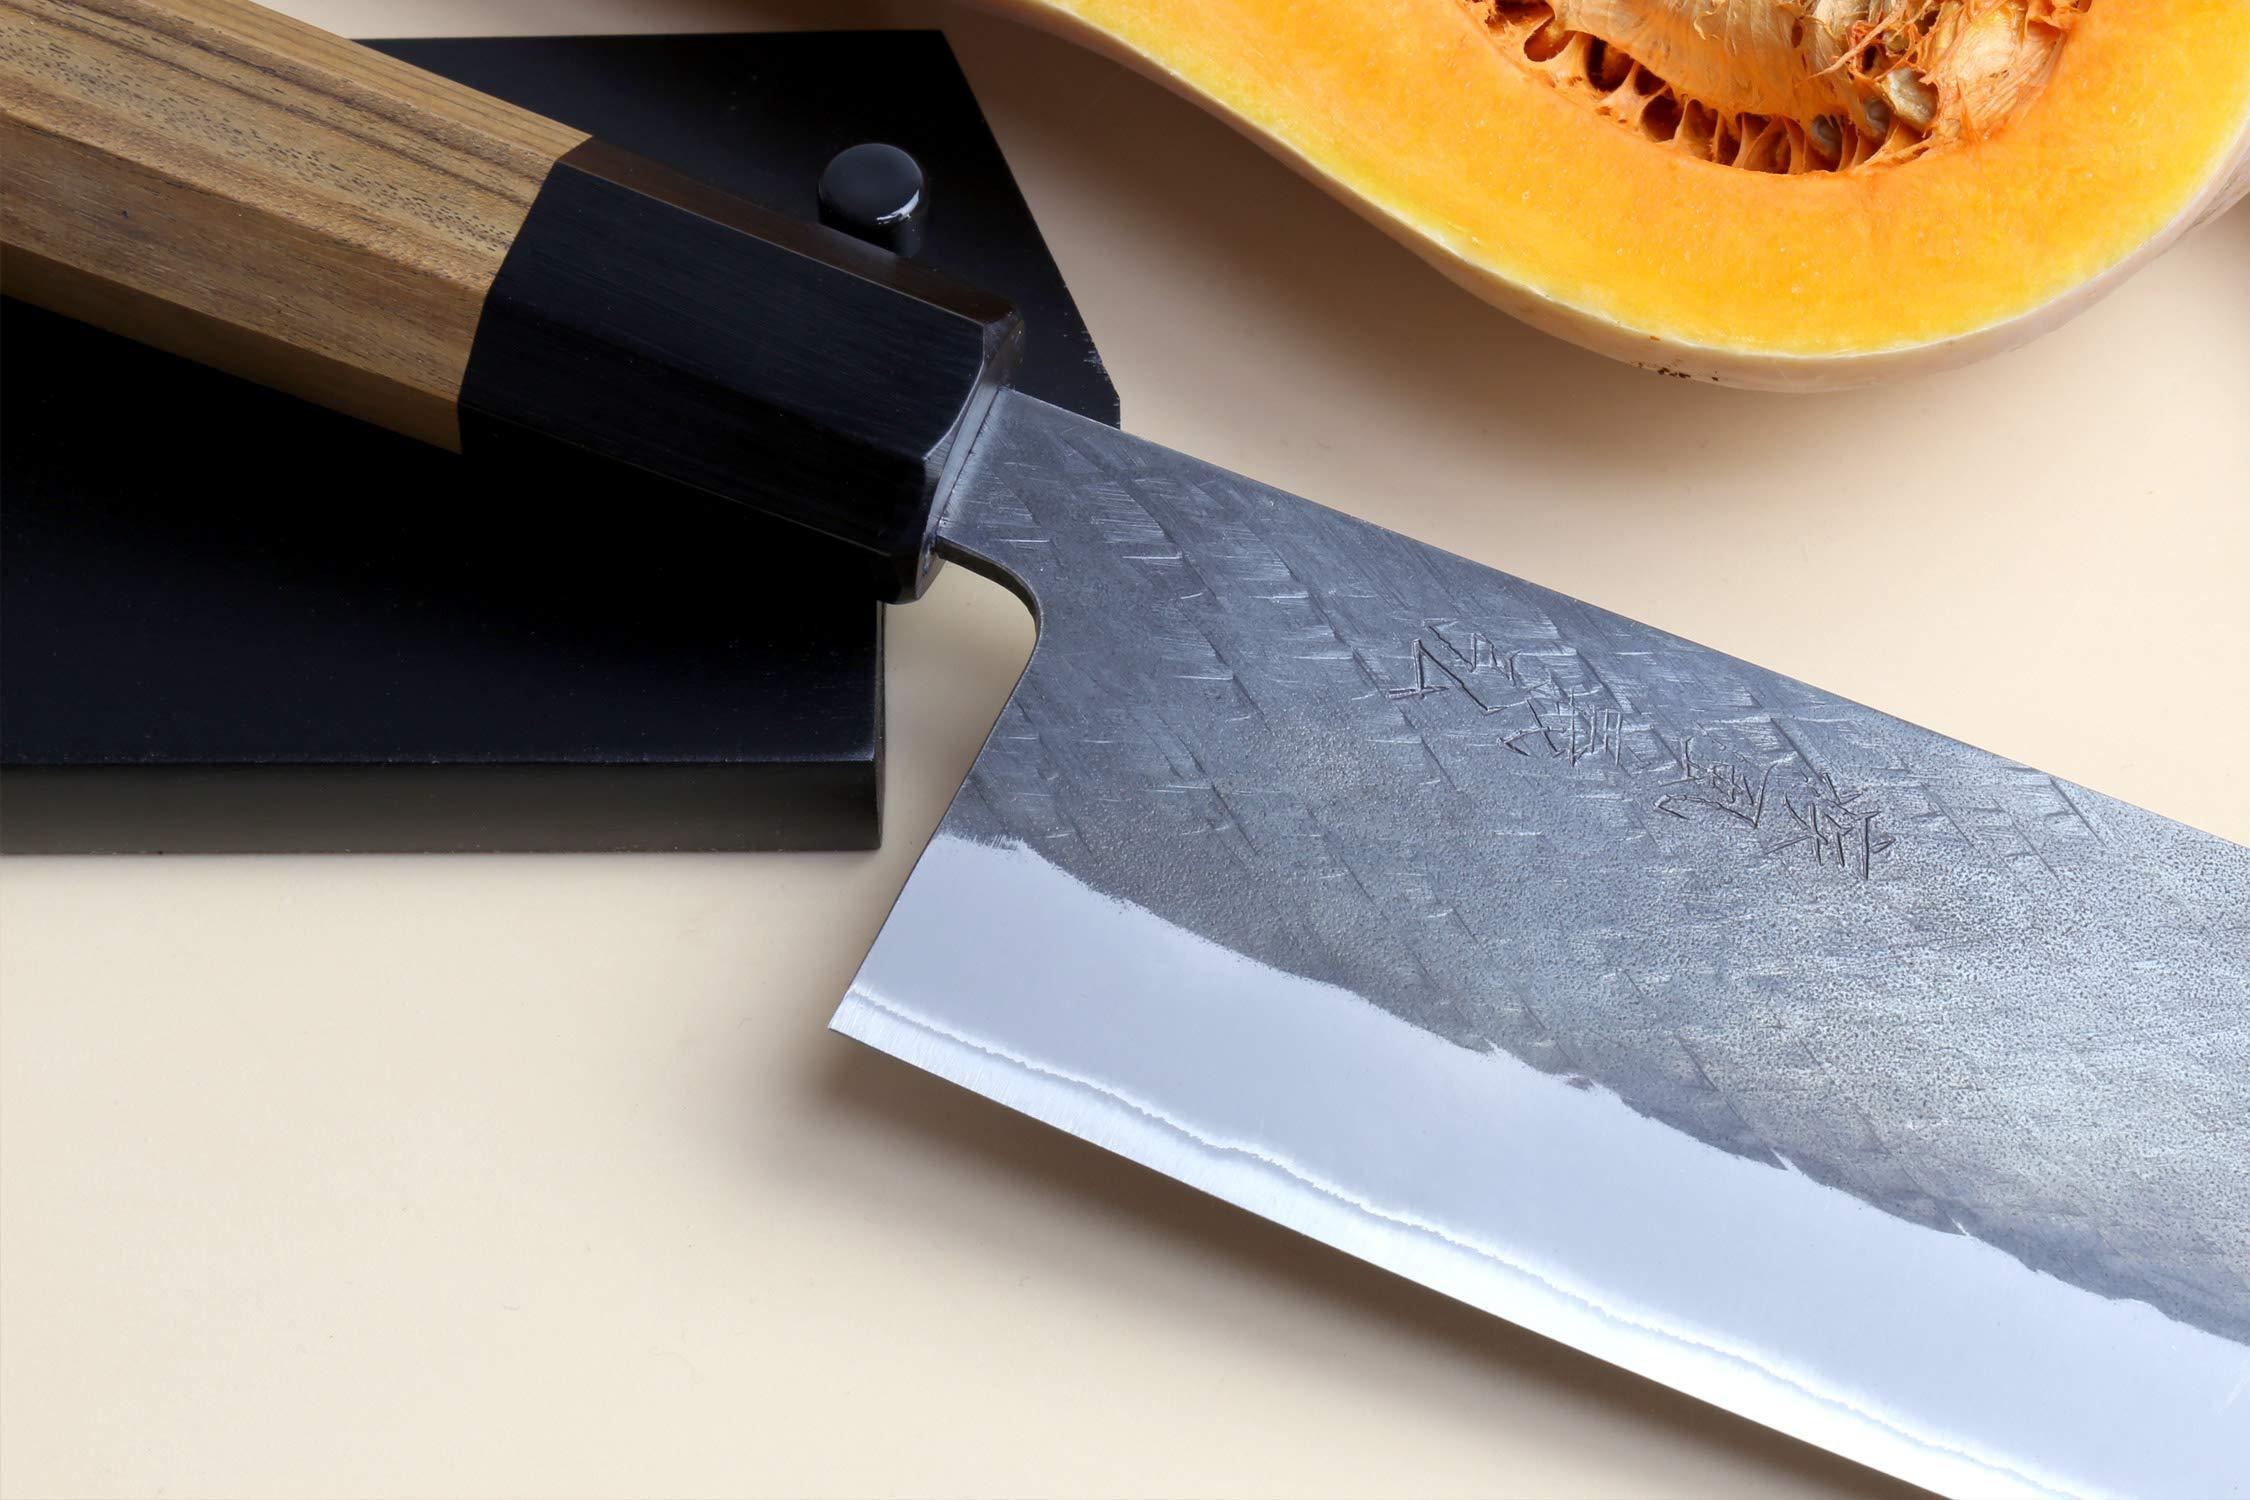 Yoshihiro Kurouchi Black-Forged Blue Steel Stainless Clad Nakiri Japanese Vegetable Knife (6.5'' (165mm) & Saya) by Yoshihiro (Image #5)